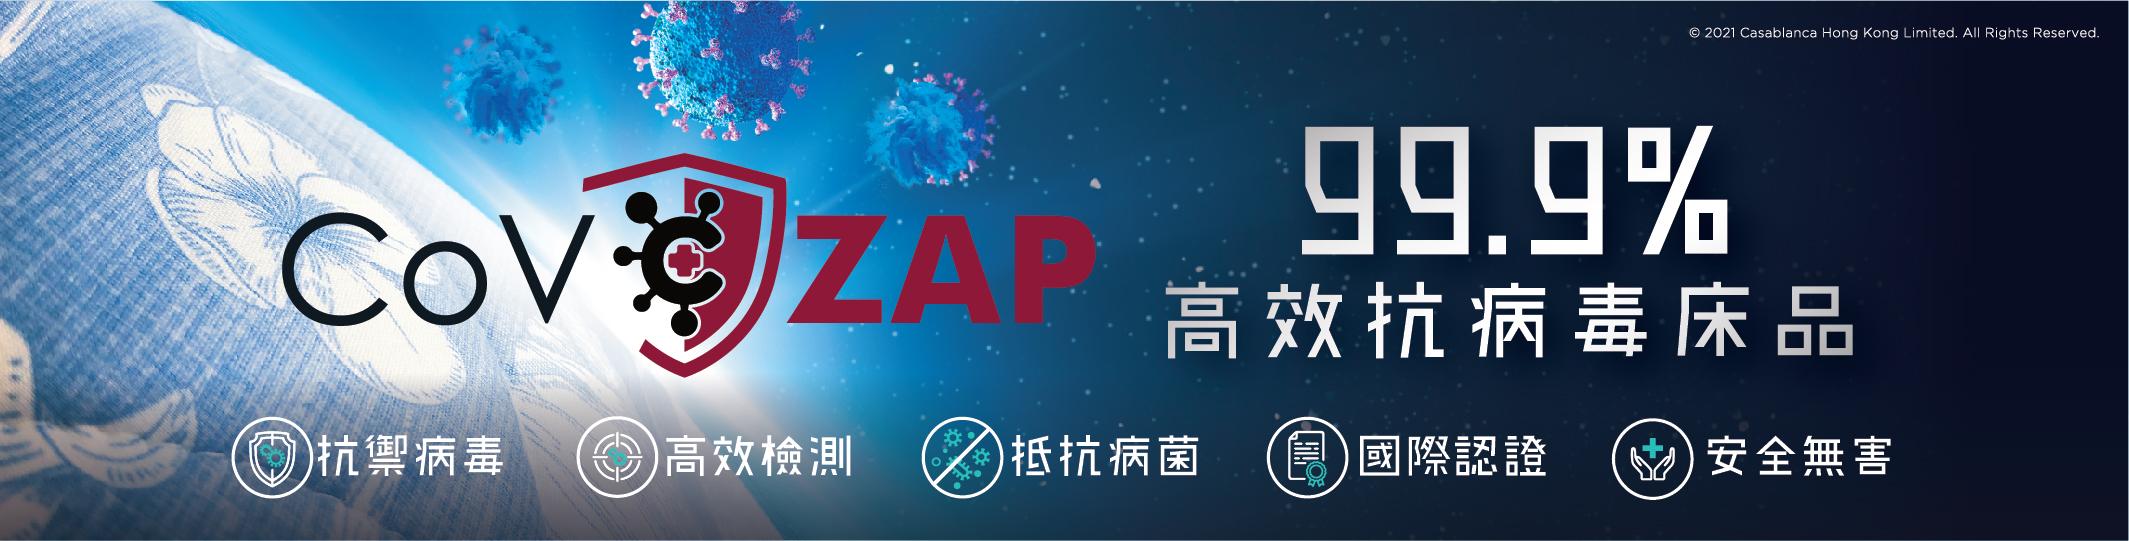 2021_CoV_ZAP_category_v1-02_1_